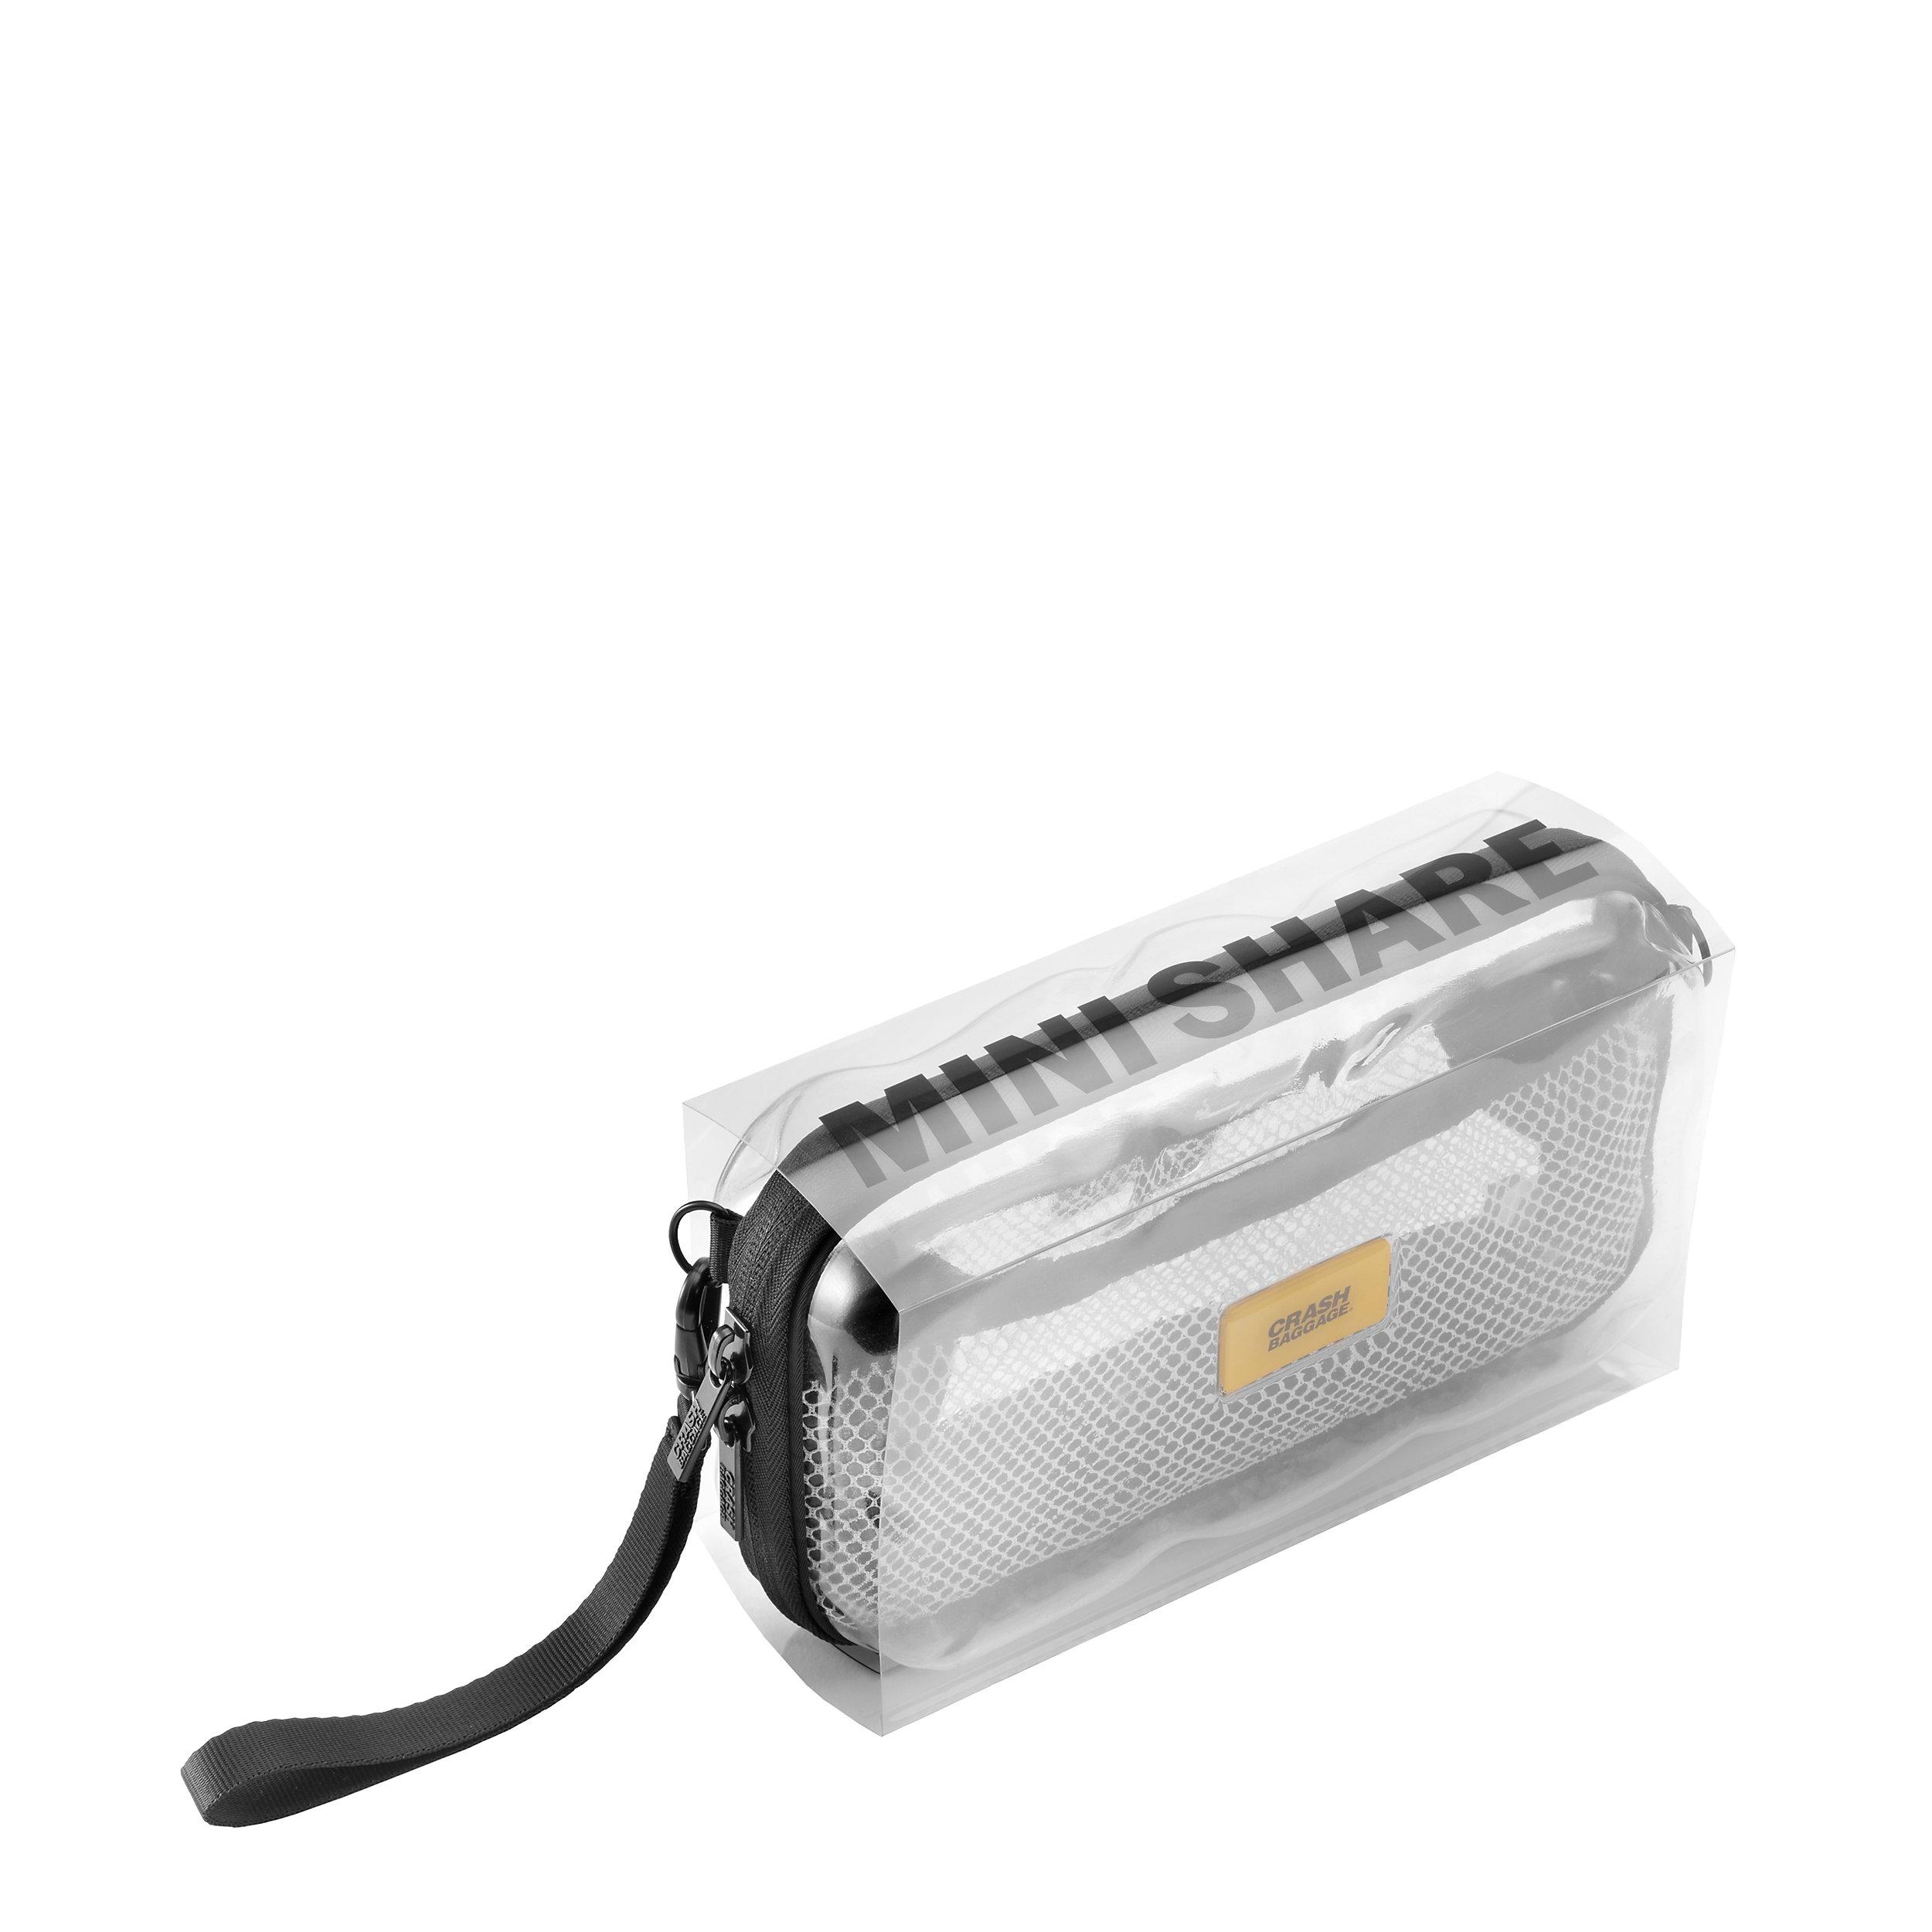 Umhängetasche Hard Case Mini Share 2.1 Liter